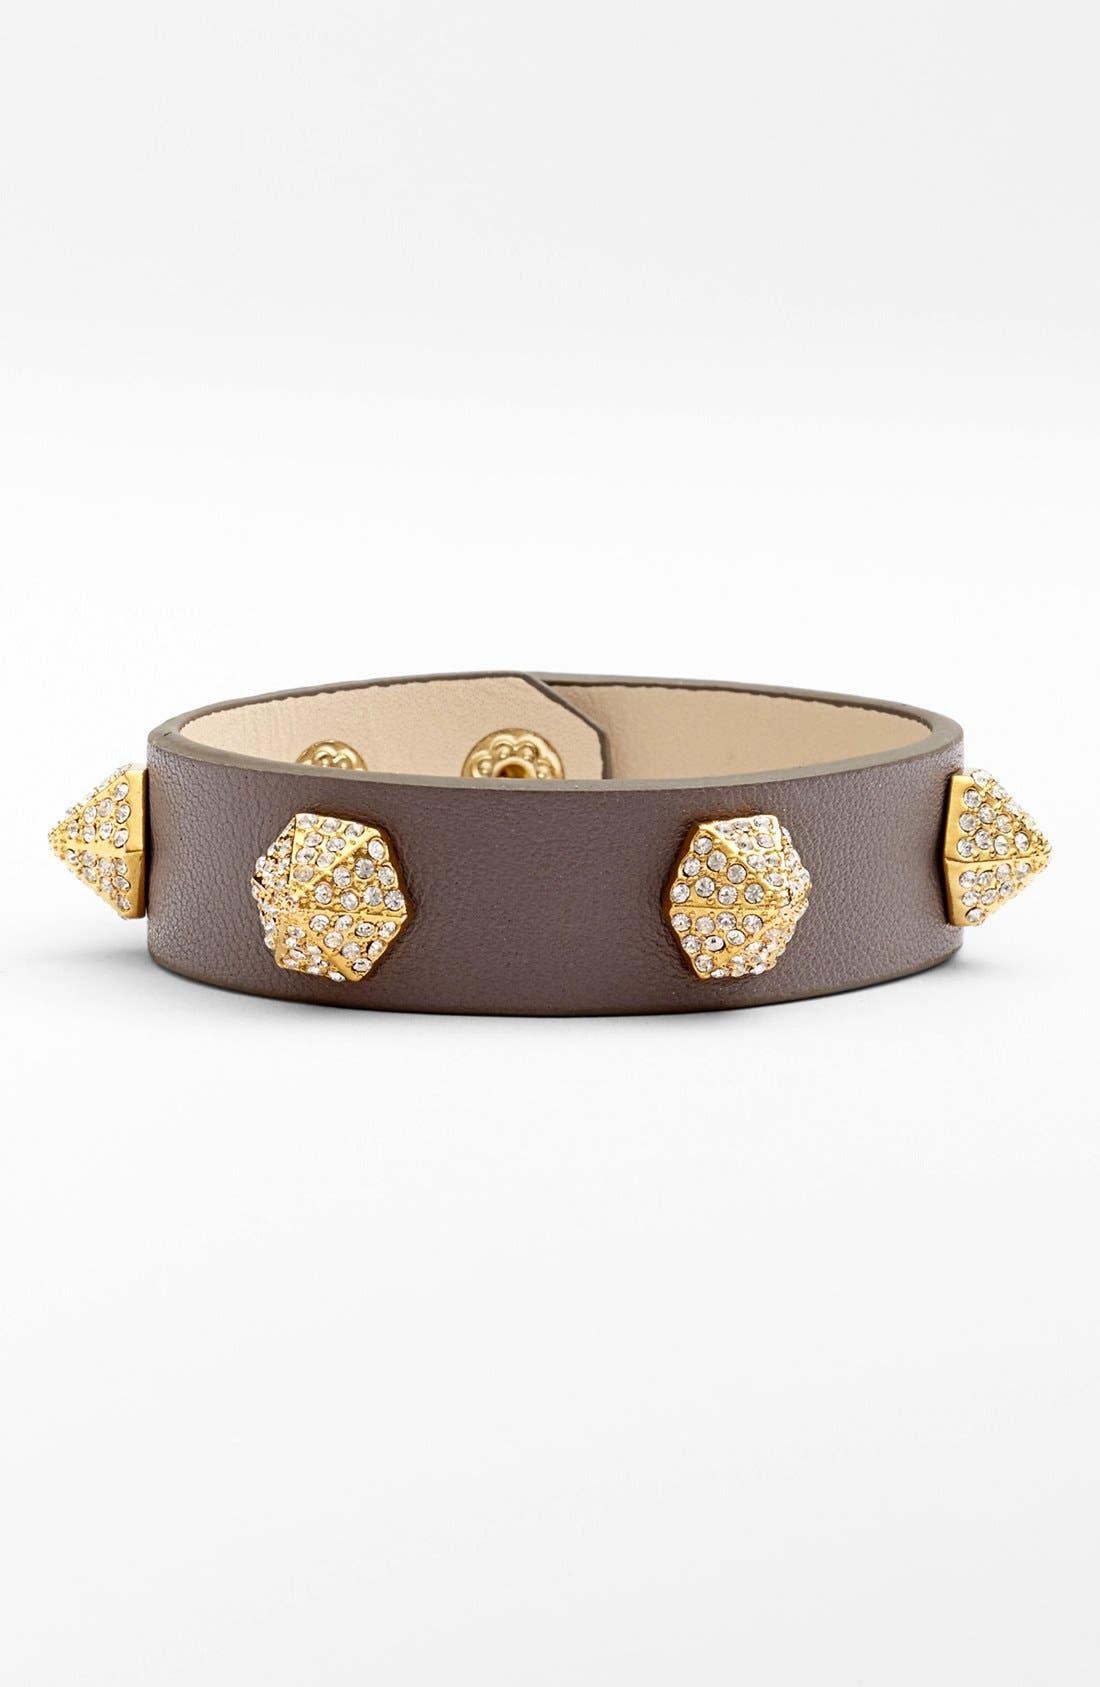 Main Image - Vince Camuto Crystal Pavé Studded Leather Bracelet